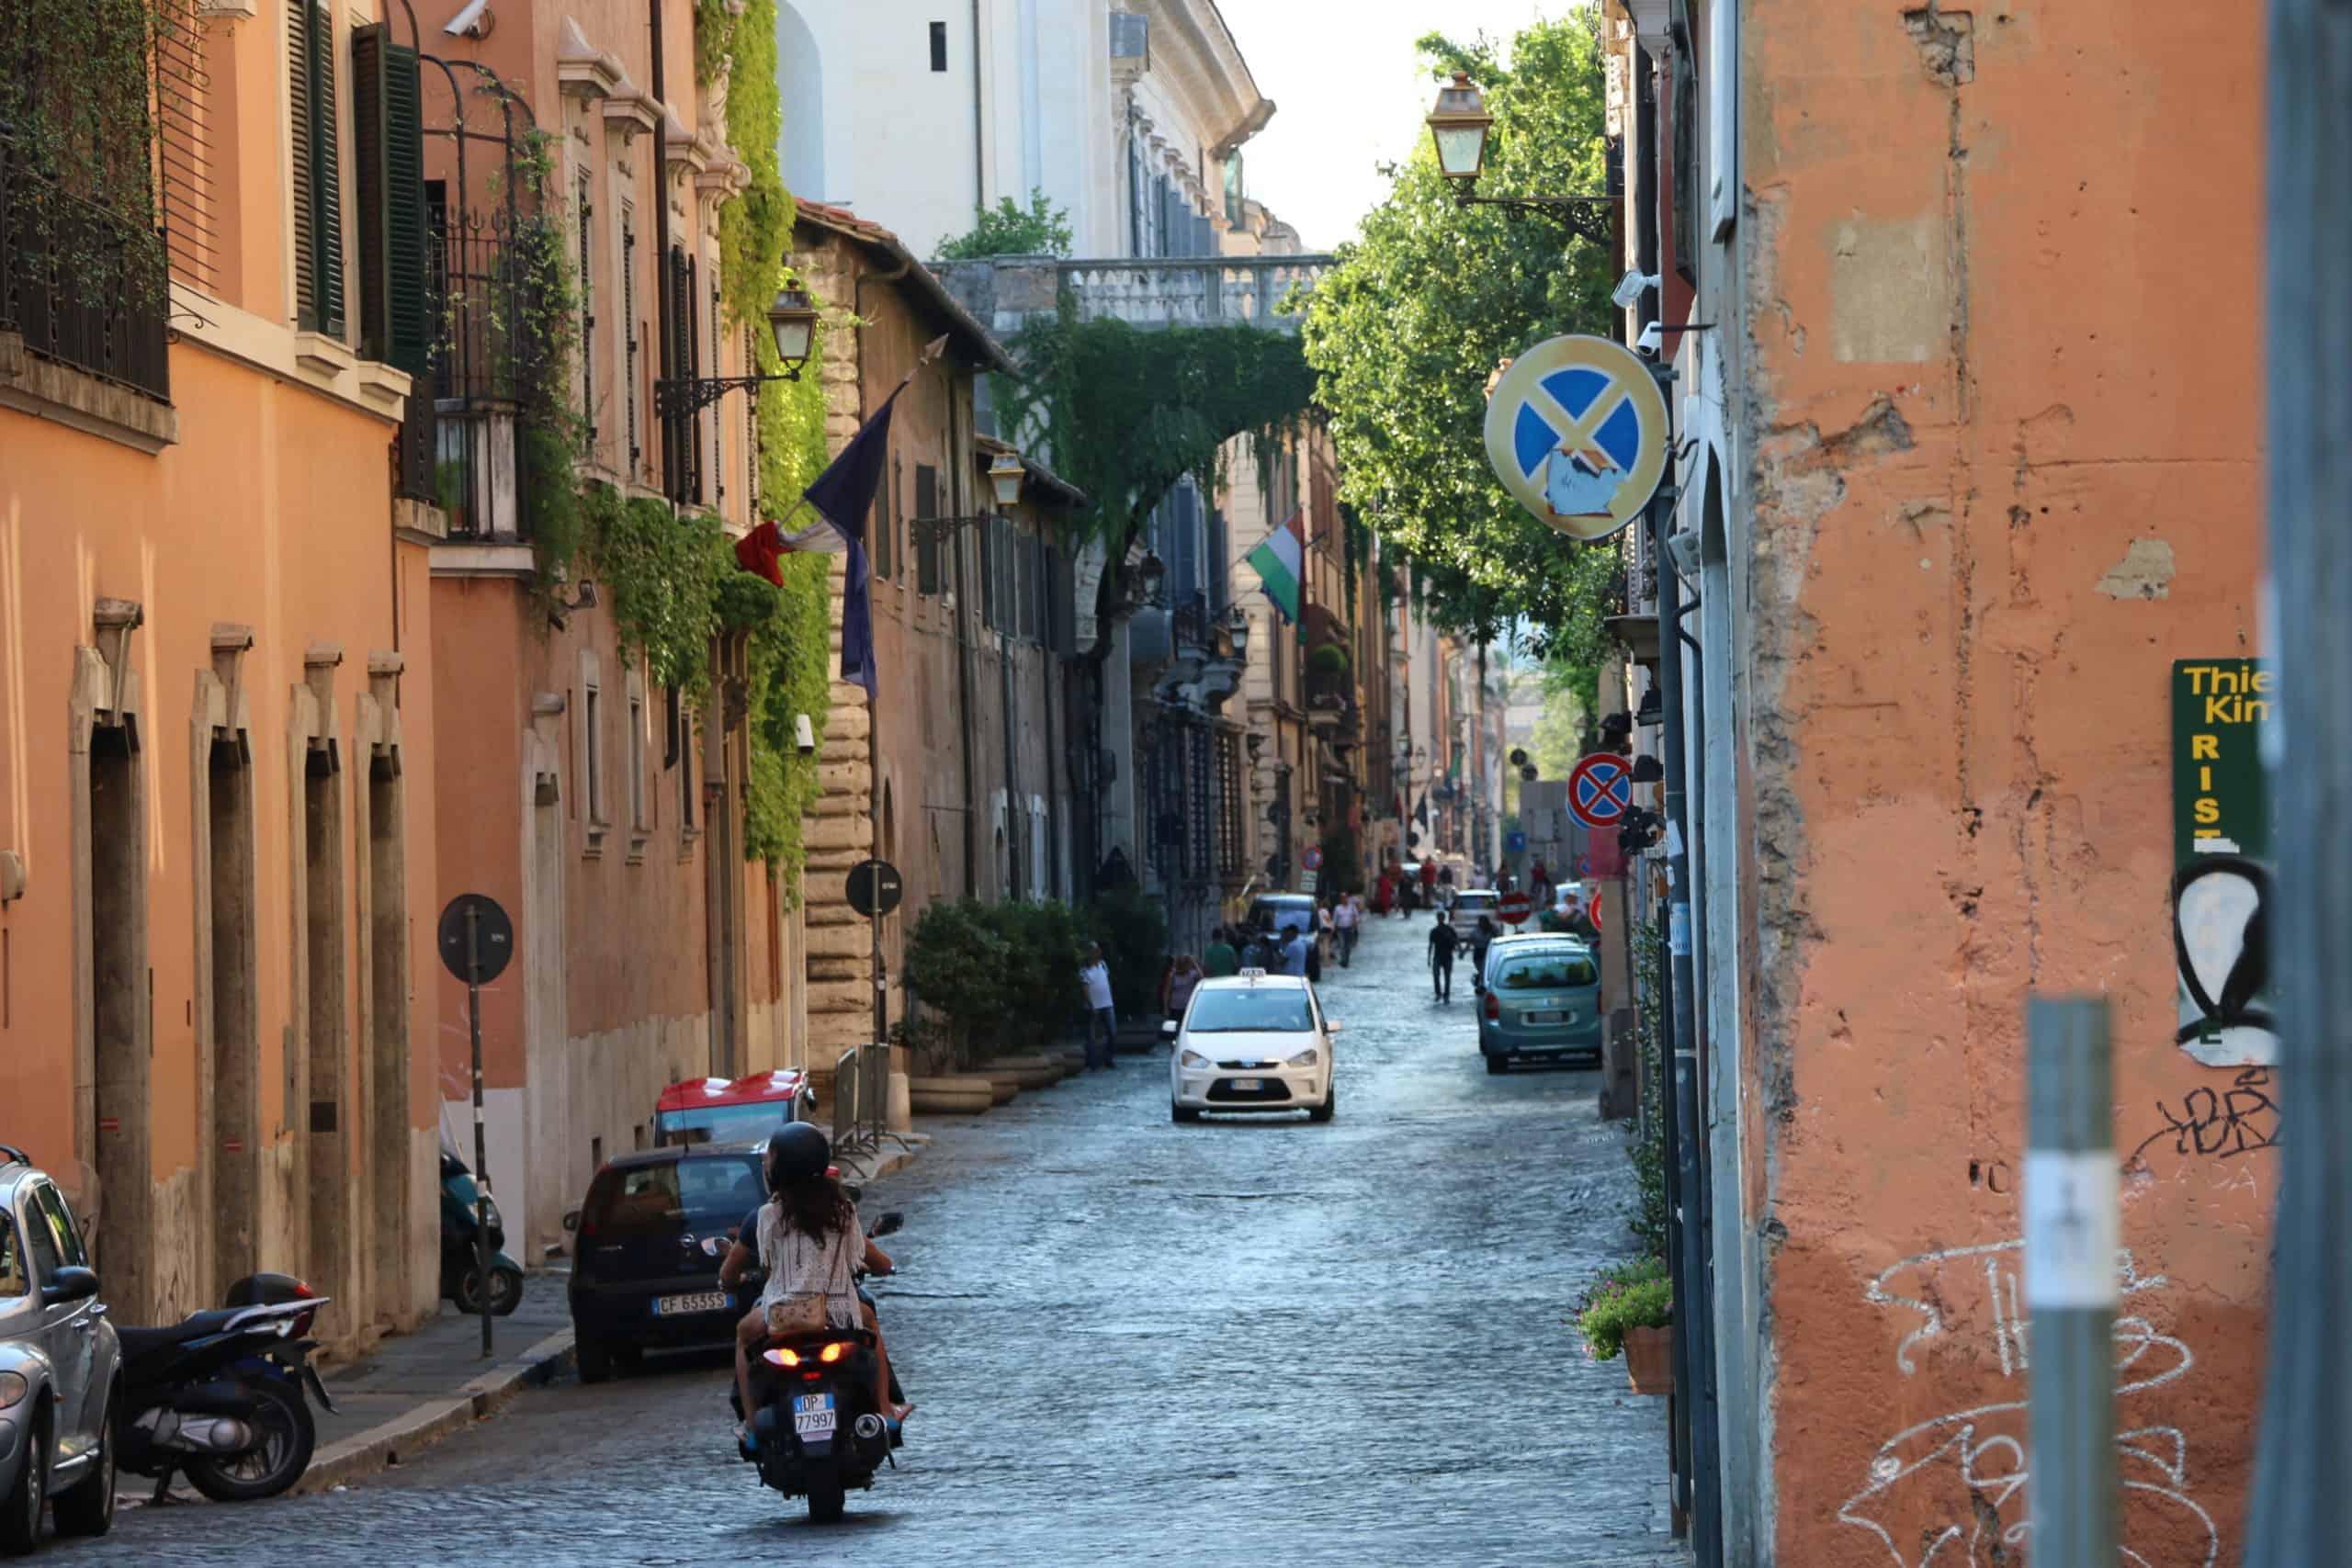 Via Giulia Rome 1440 The Tour Guy Tours